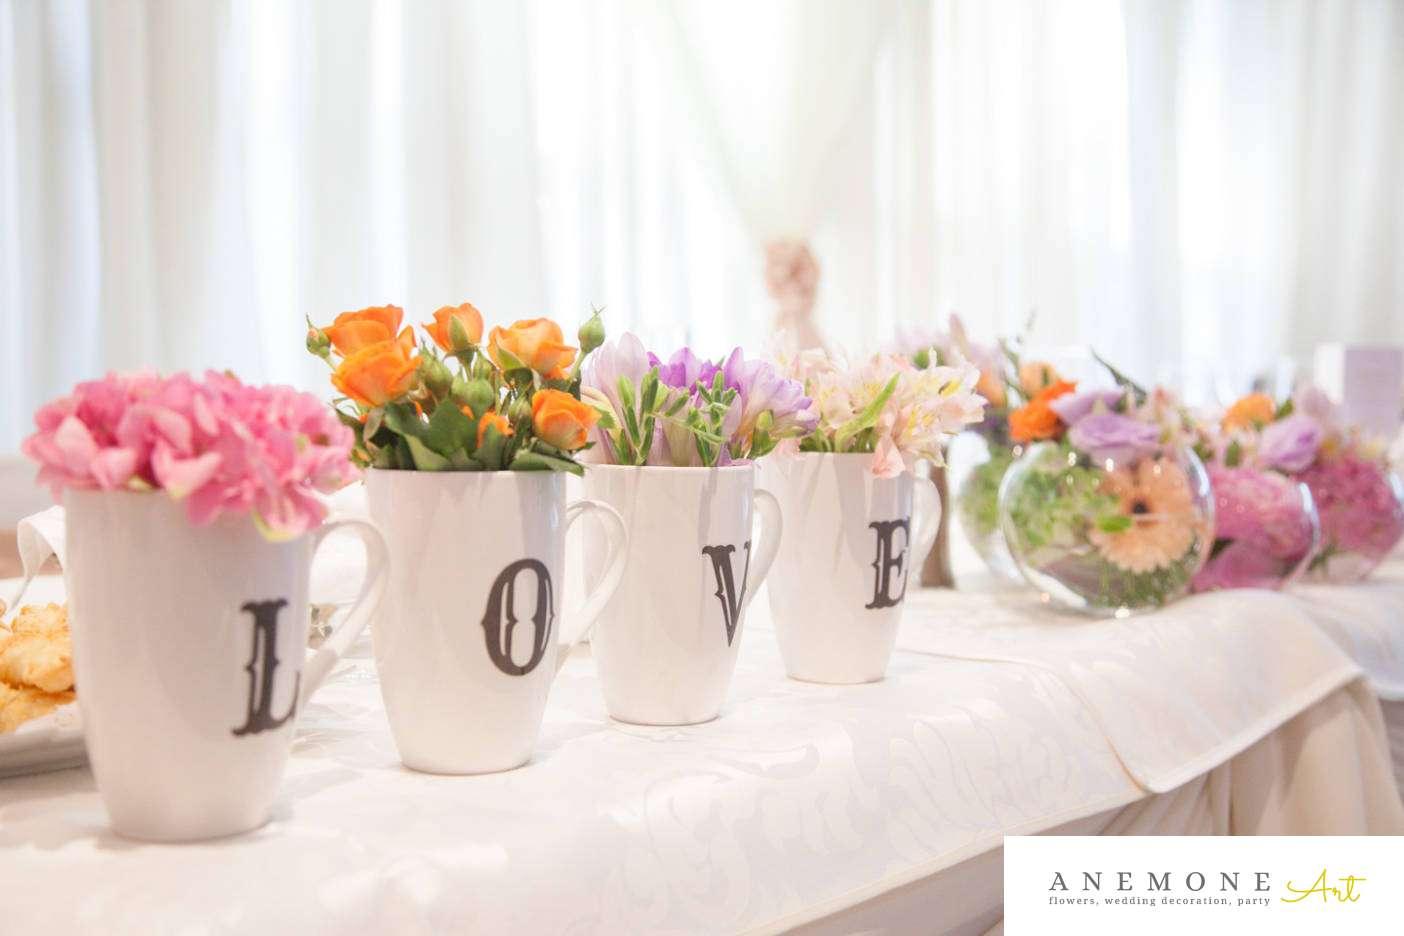 Poza, foto cu Flori de nunta hotel continental, prezidiu in Arad, Timisoara, Oradea (wedding flowers, bouquets) nunta Arad, Timisoara, Oradea